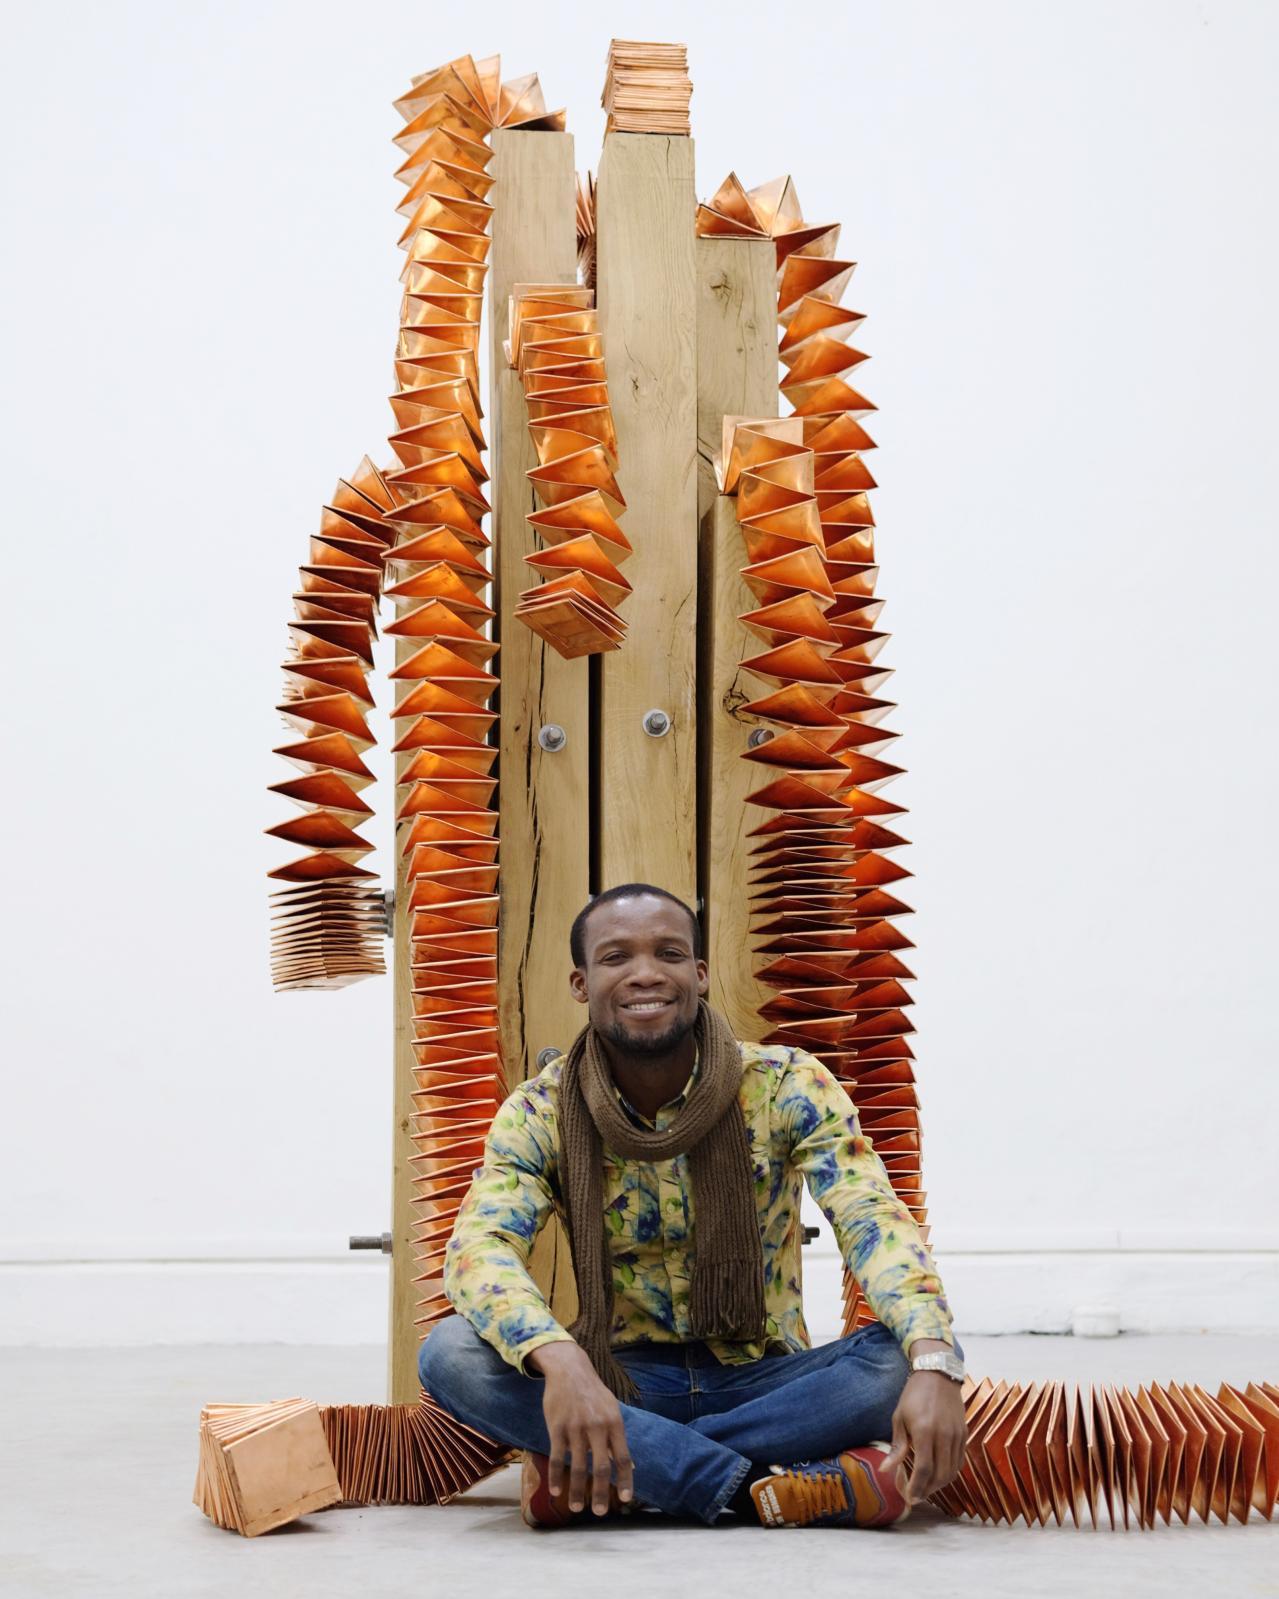 Kokou Ferdinand Makouvia (né en 1989), Eviono/Mother, 2018. L'artiste pose à côté de son œuvre, produite grâce à Ronan Grossiat, dans le cadre du prix